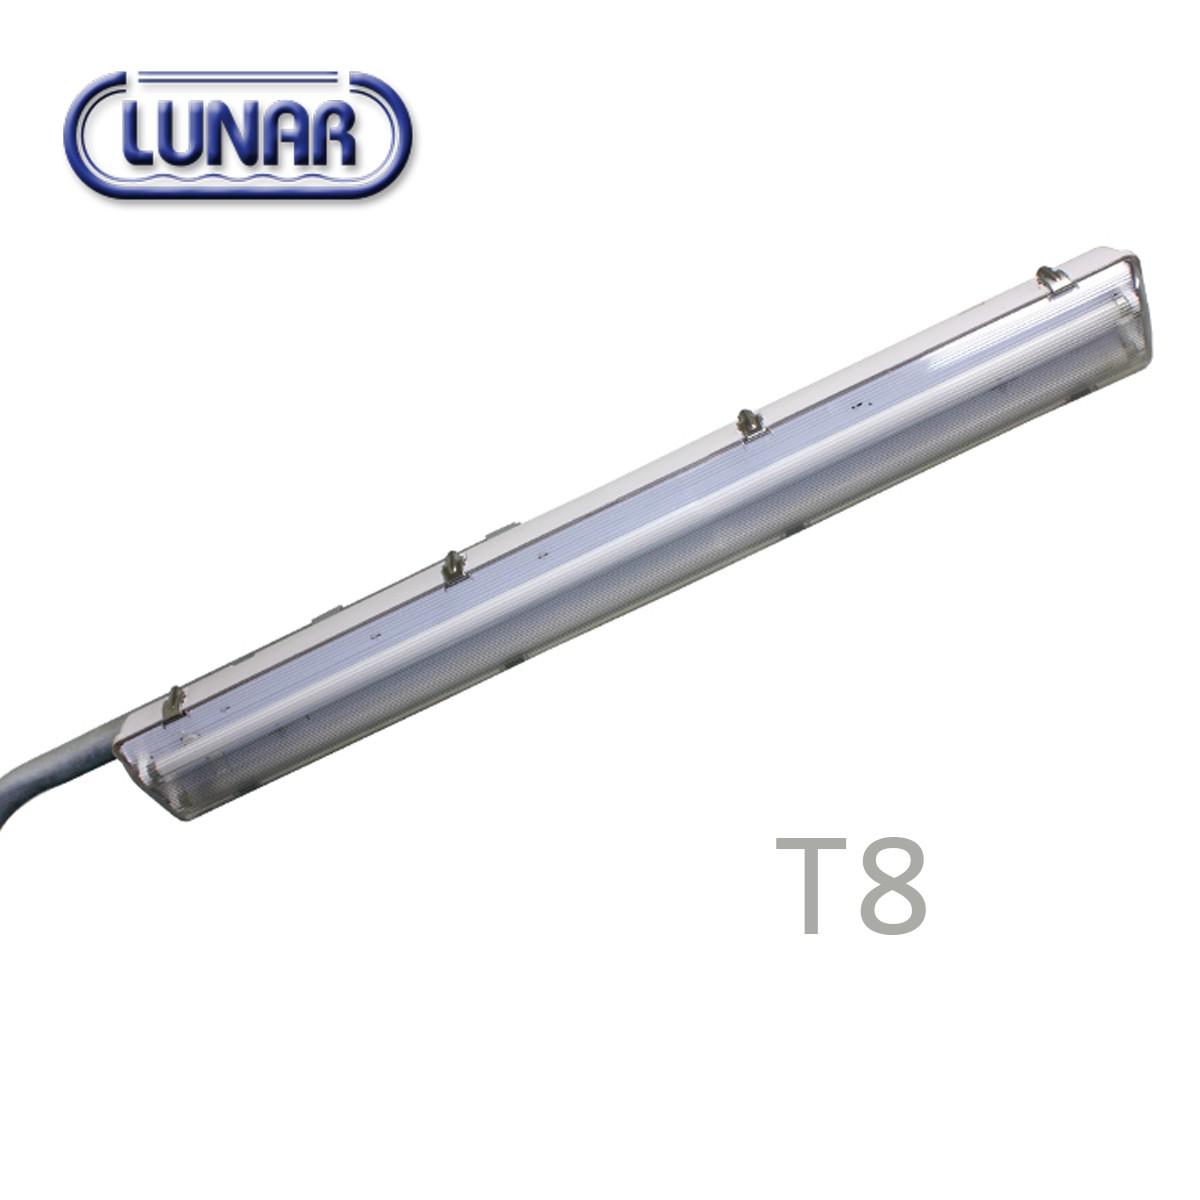 โคมไฟถนนโพลีคาร์บอเนต สำหรับหลอด T8